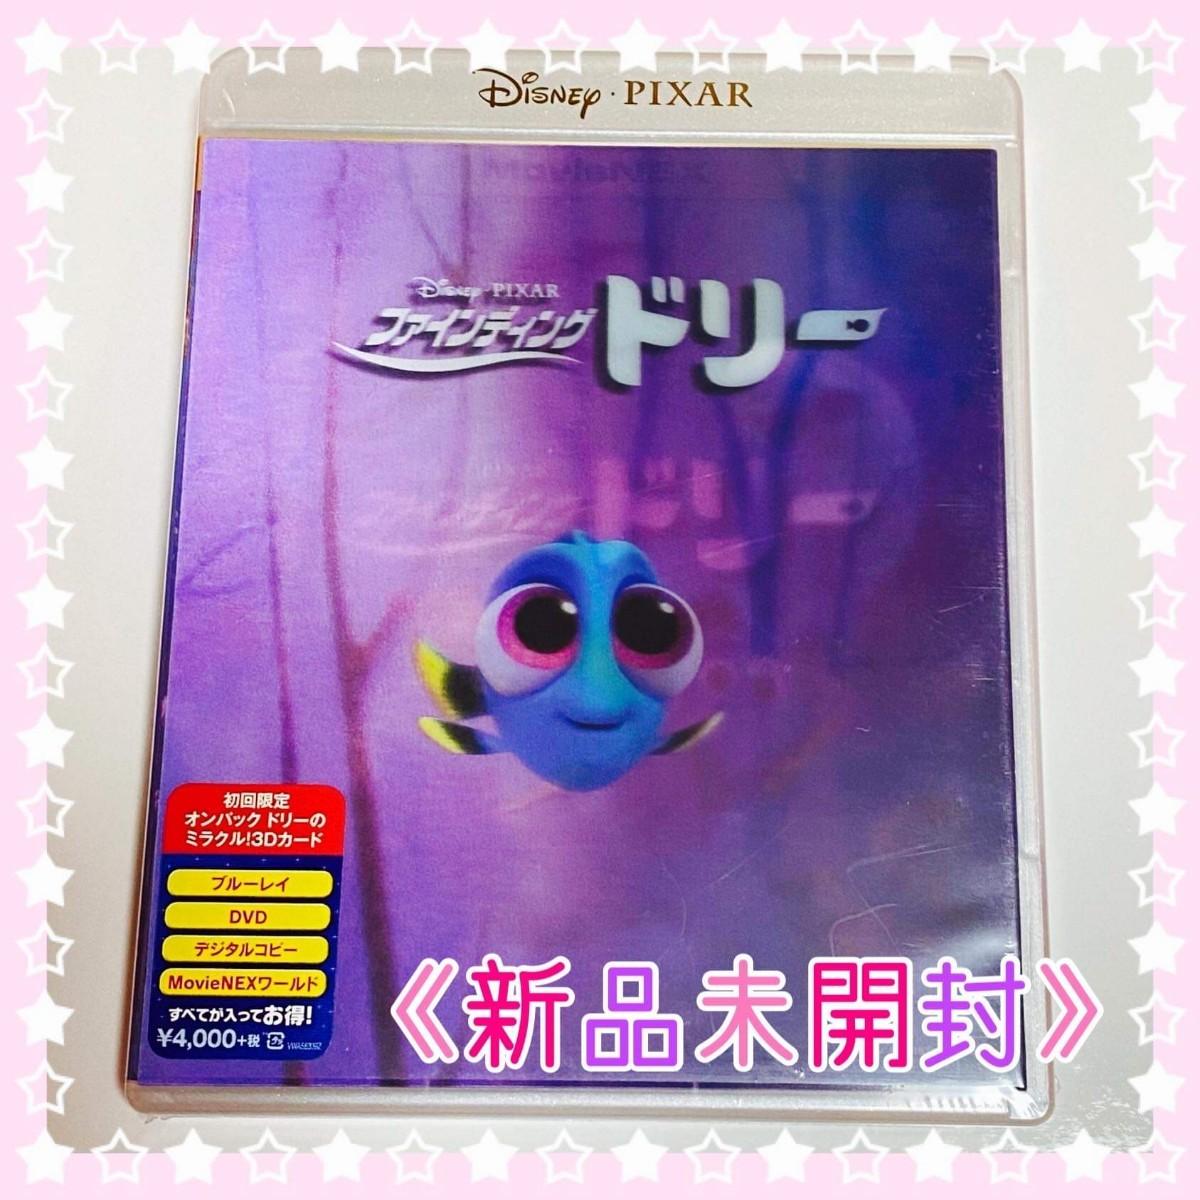 ファインディング・ドリー MovieNEX〈3枚組〉 ディズニー Blu-ray DVD Disney 純正ケース